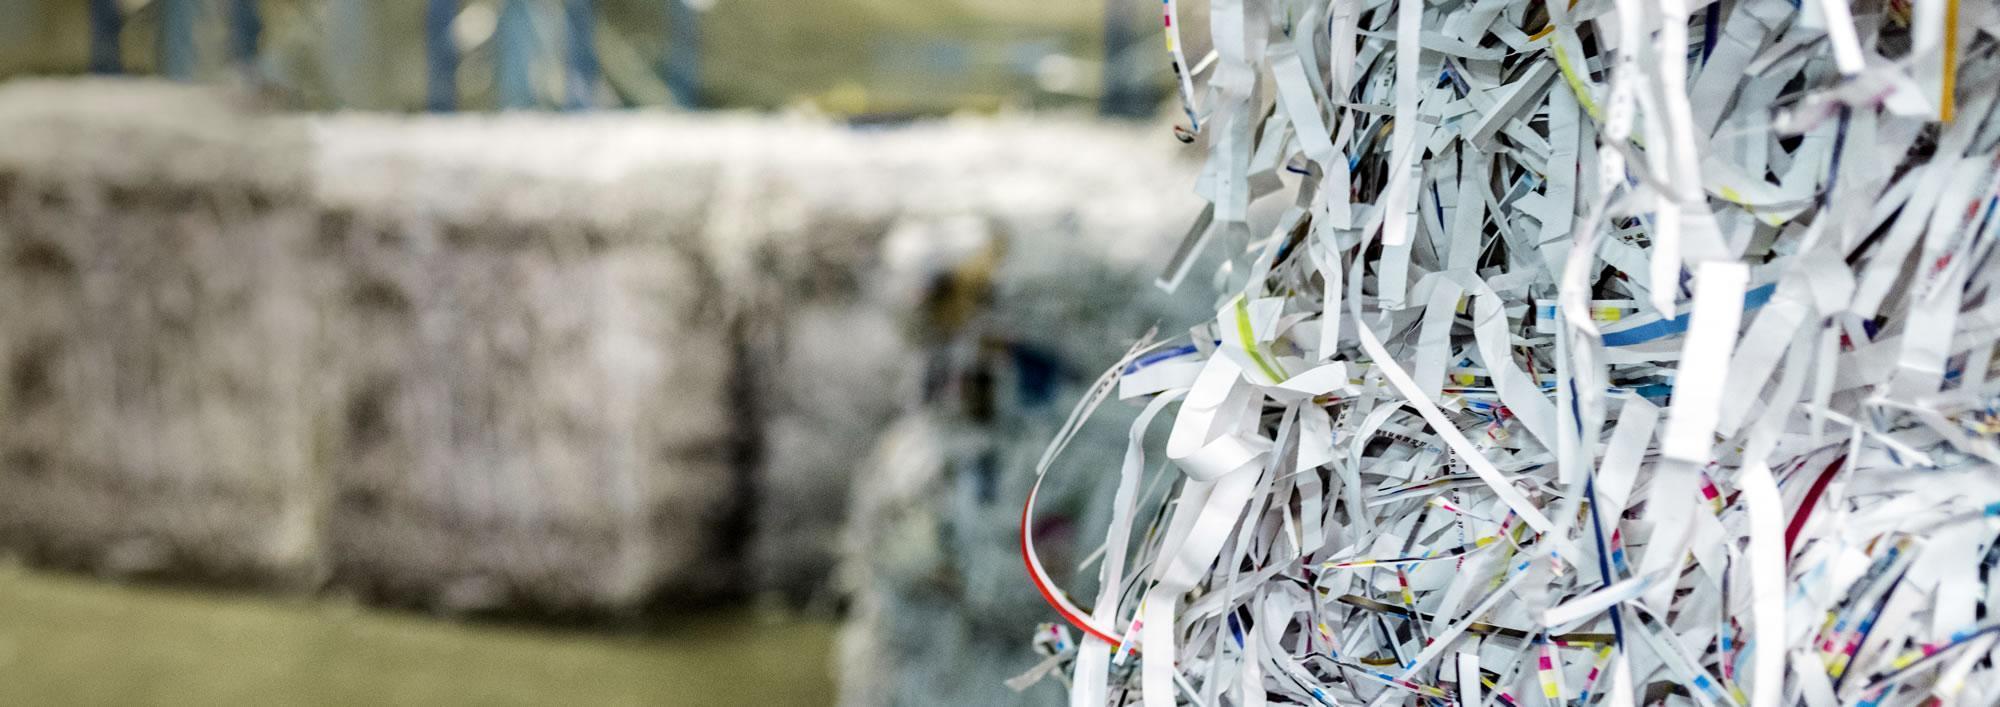 Impression sur papier recyclé : Commençons par le commencement : qu'est-ce que le papier ?